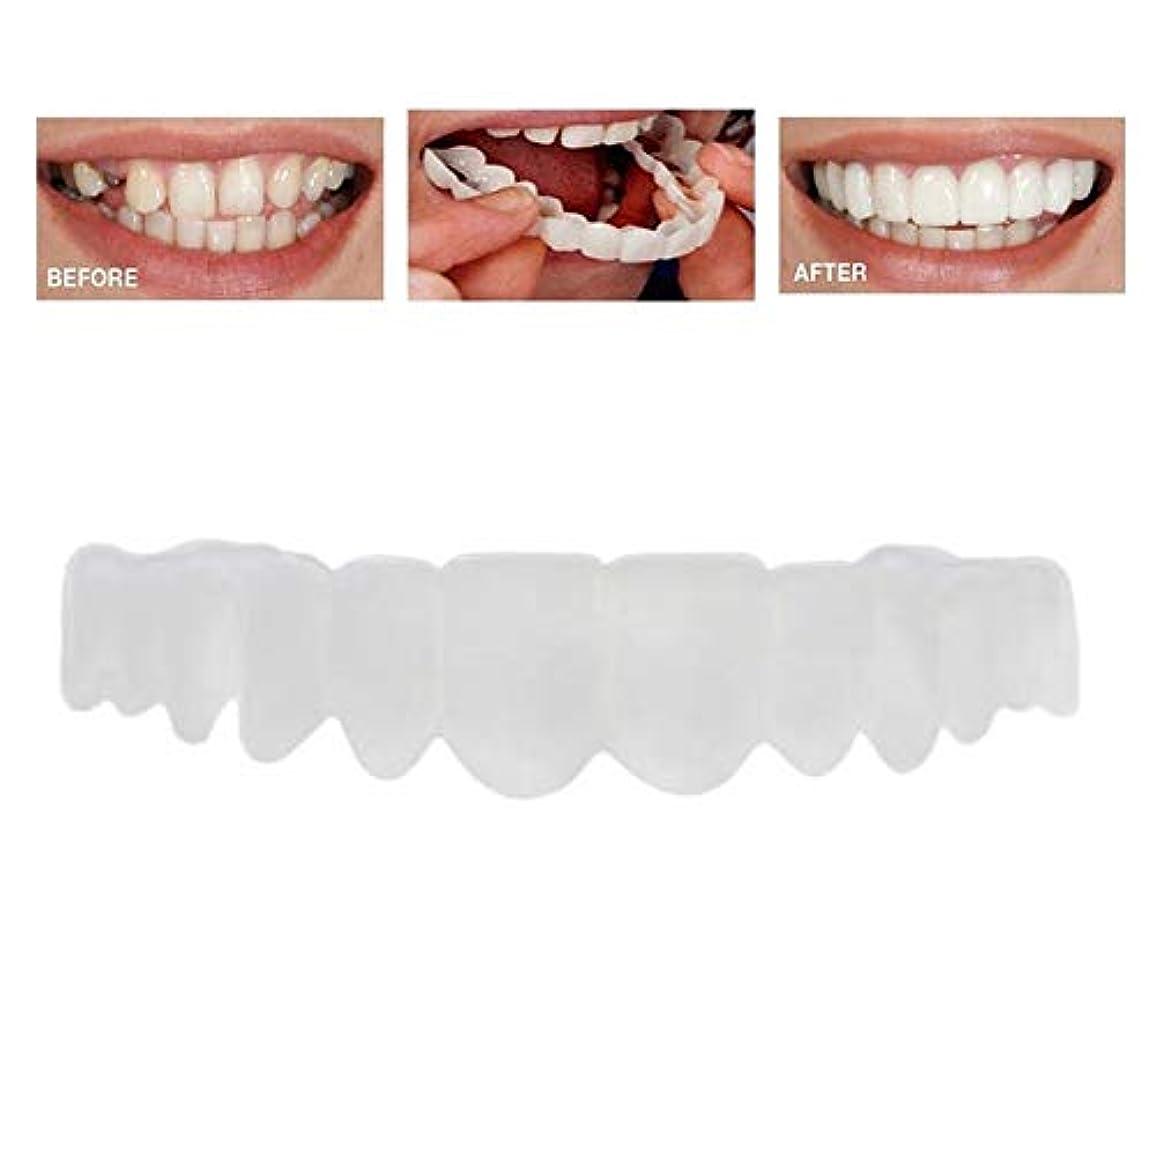 悲鳴レオナルドダ四分円15ピースの歯の化粧品の快適さフィット歯の義歯歯の上のベニヤの歯ワンサイズフィット最も快適な義歯